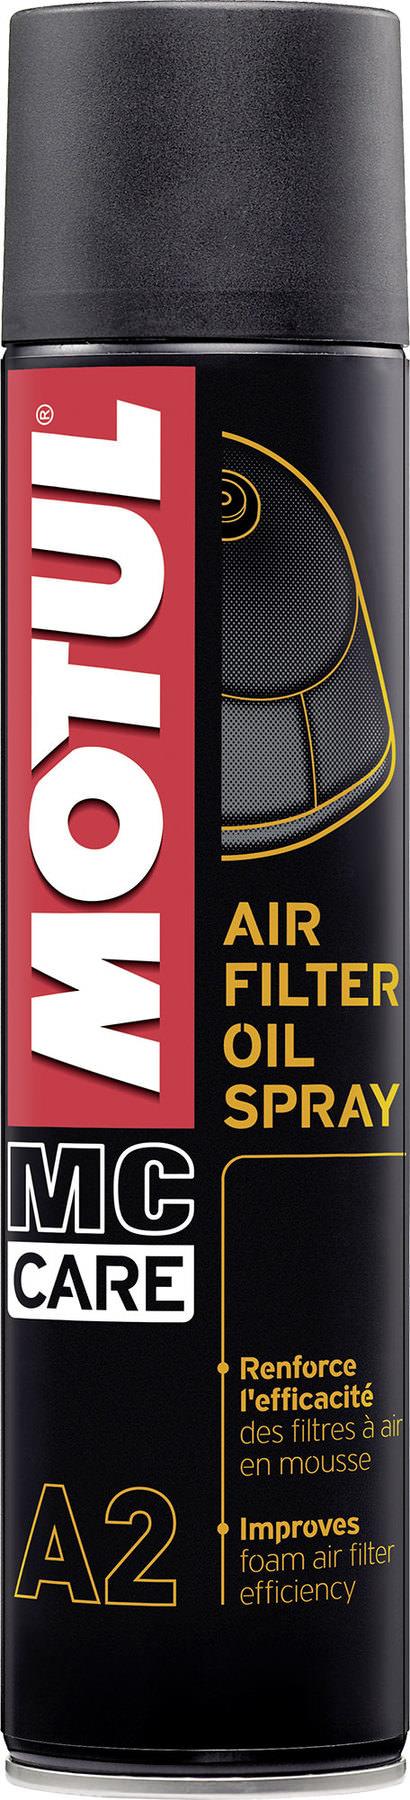 Купить Масло для пропитки воздушного фильтра Motul A2 Air Filter Spray 0,4 л.